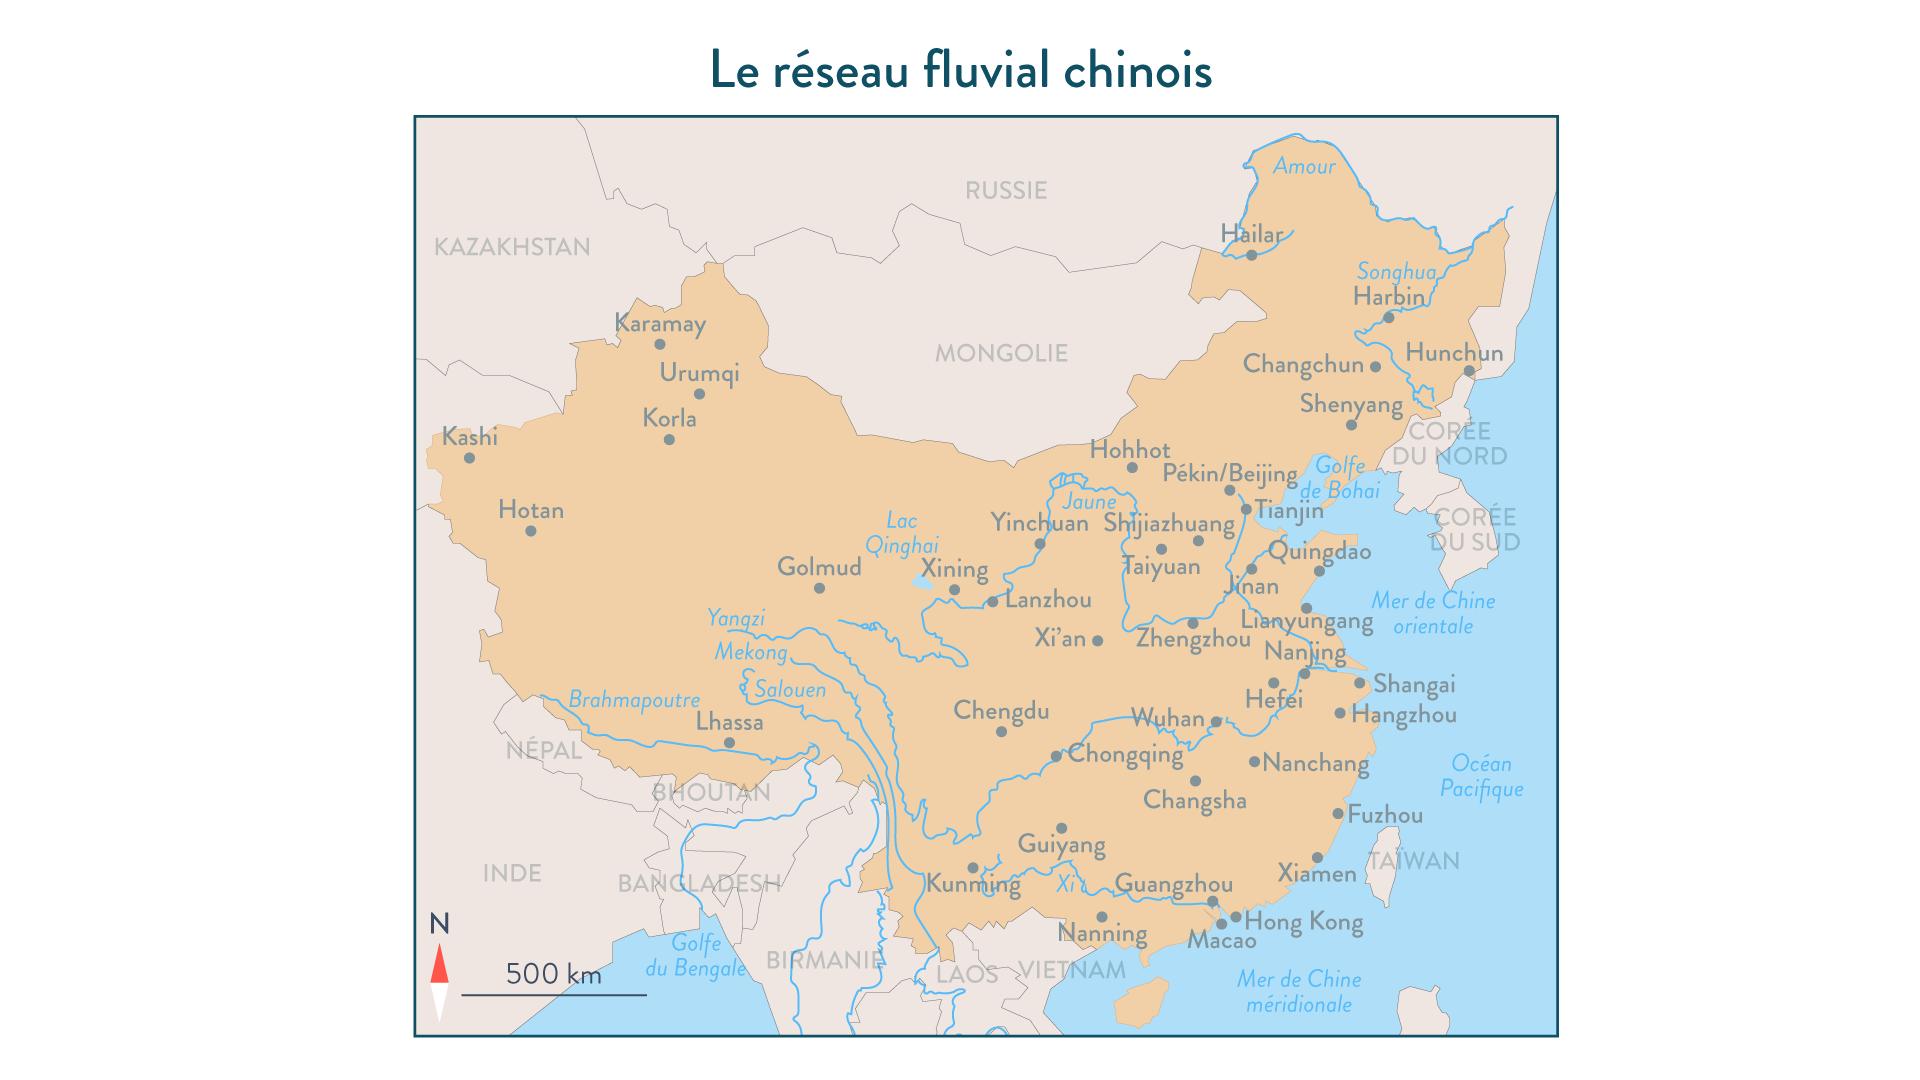 Le réseau fluvial chinois - géographie - 1re - SchoolMouv